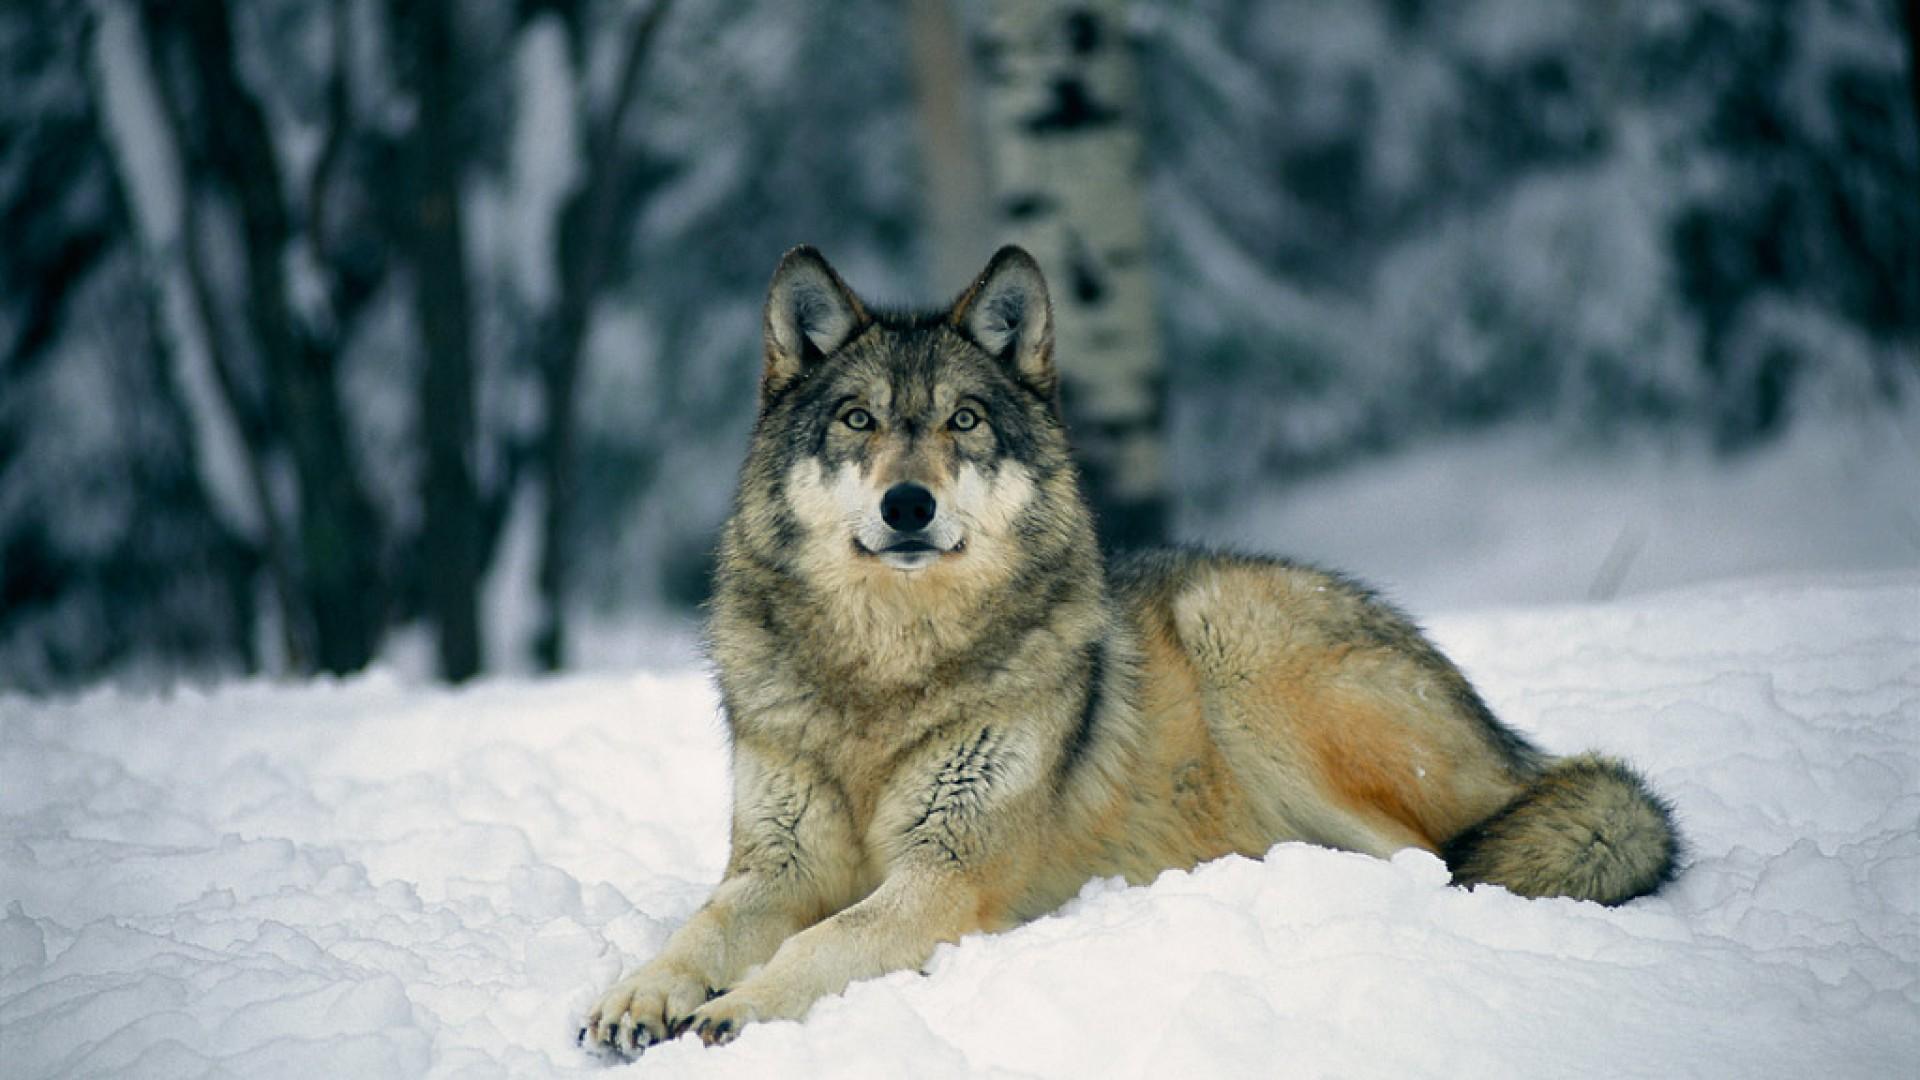 Drawn wallpaper pug Pug Desktop pup wallpaper wolf